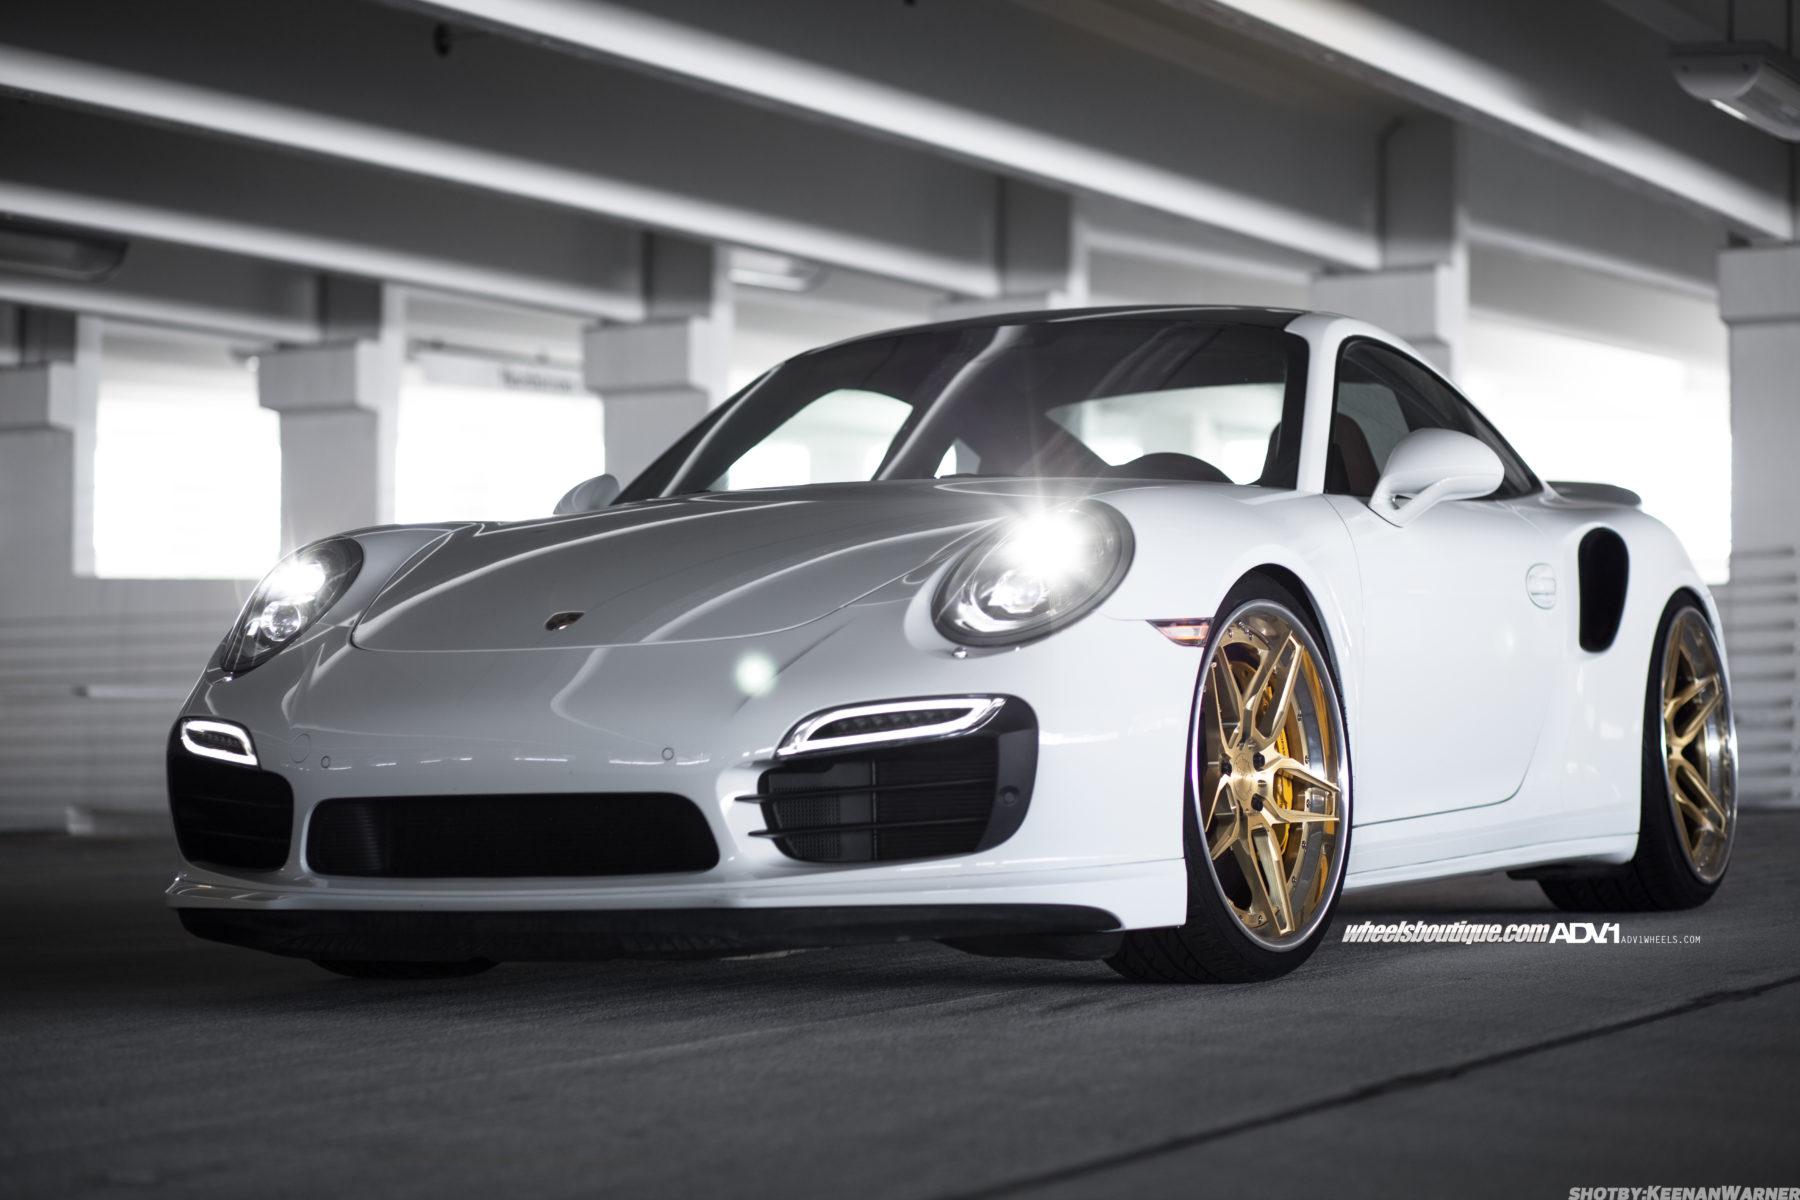 White Porsche Turbo S Adv05s Track Spec Cs Series Wheels